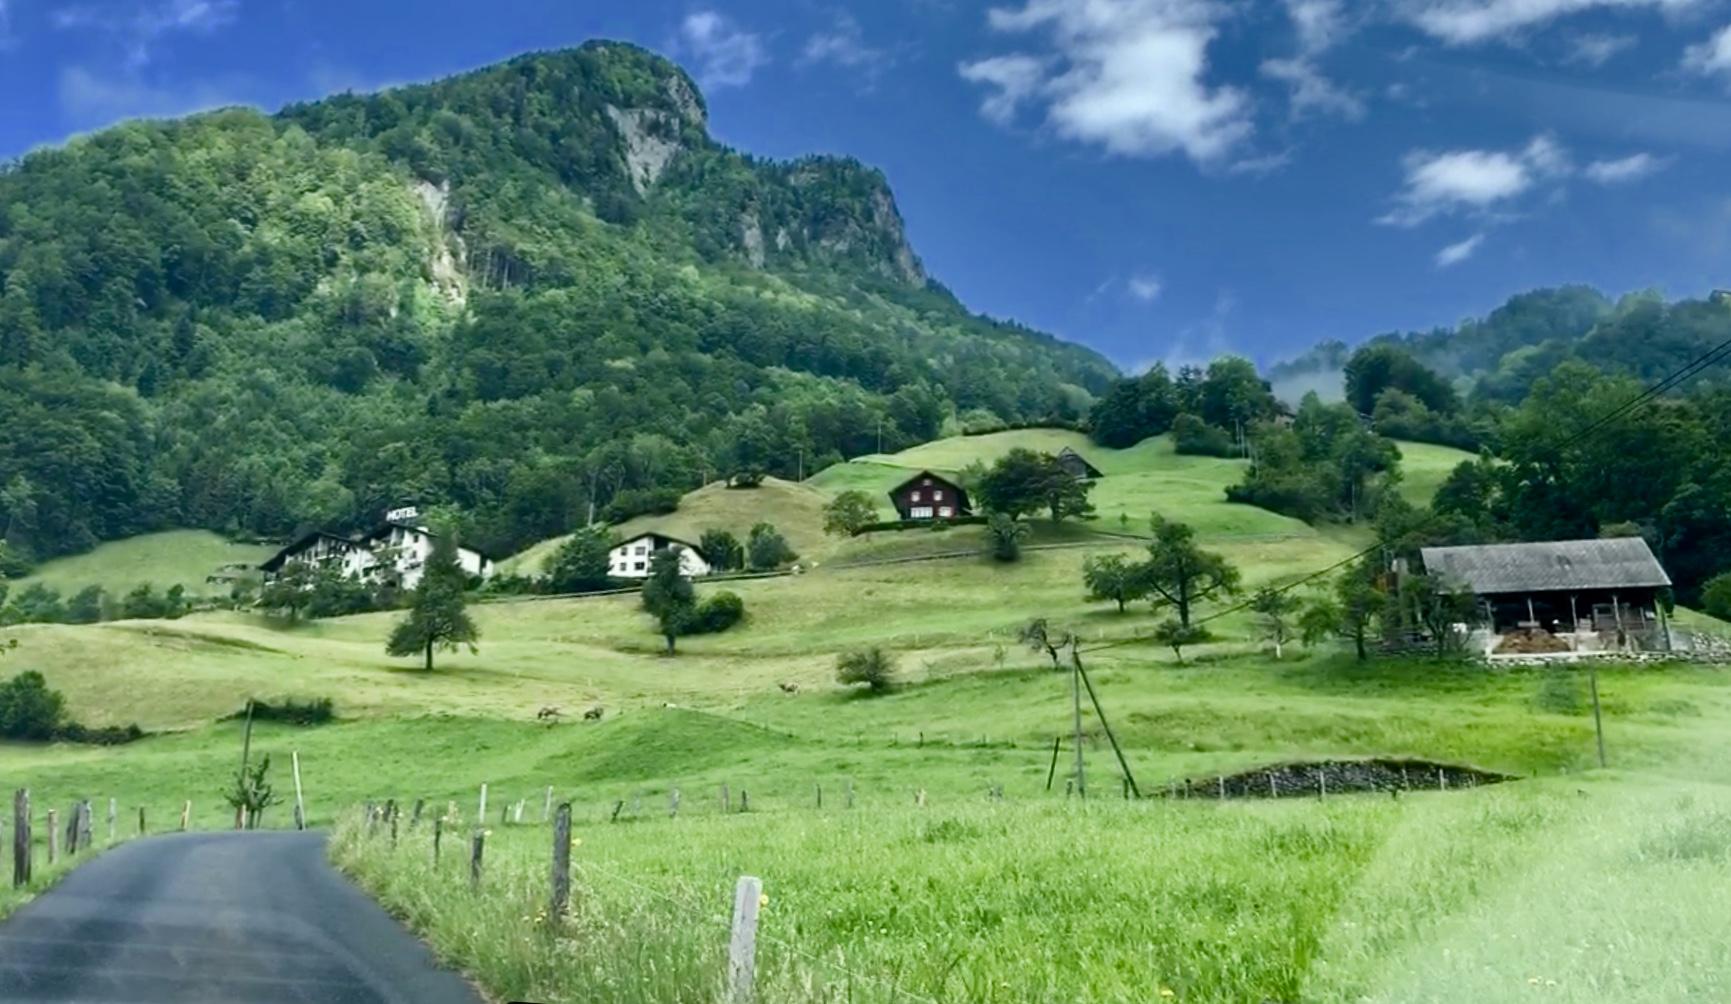 【入四森林差電】純凈之地:波光潾潾瑞士琉森湖 – 姿識是種態度